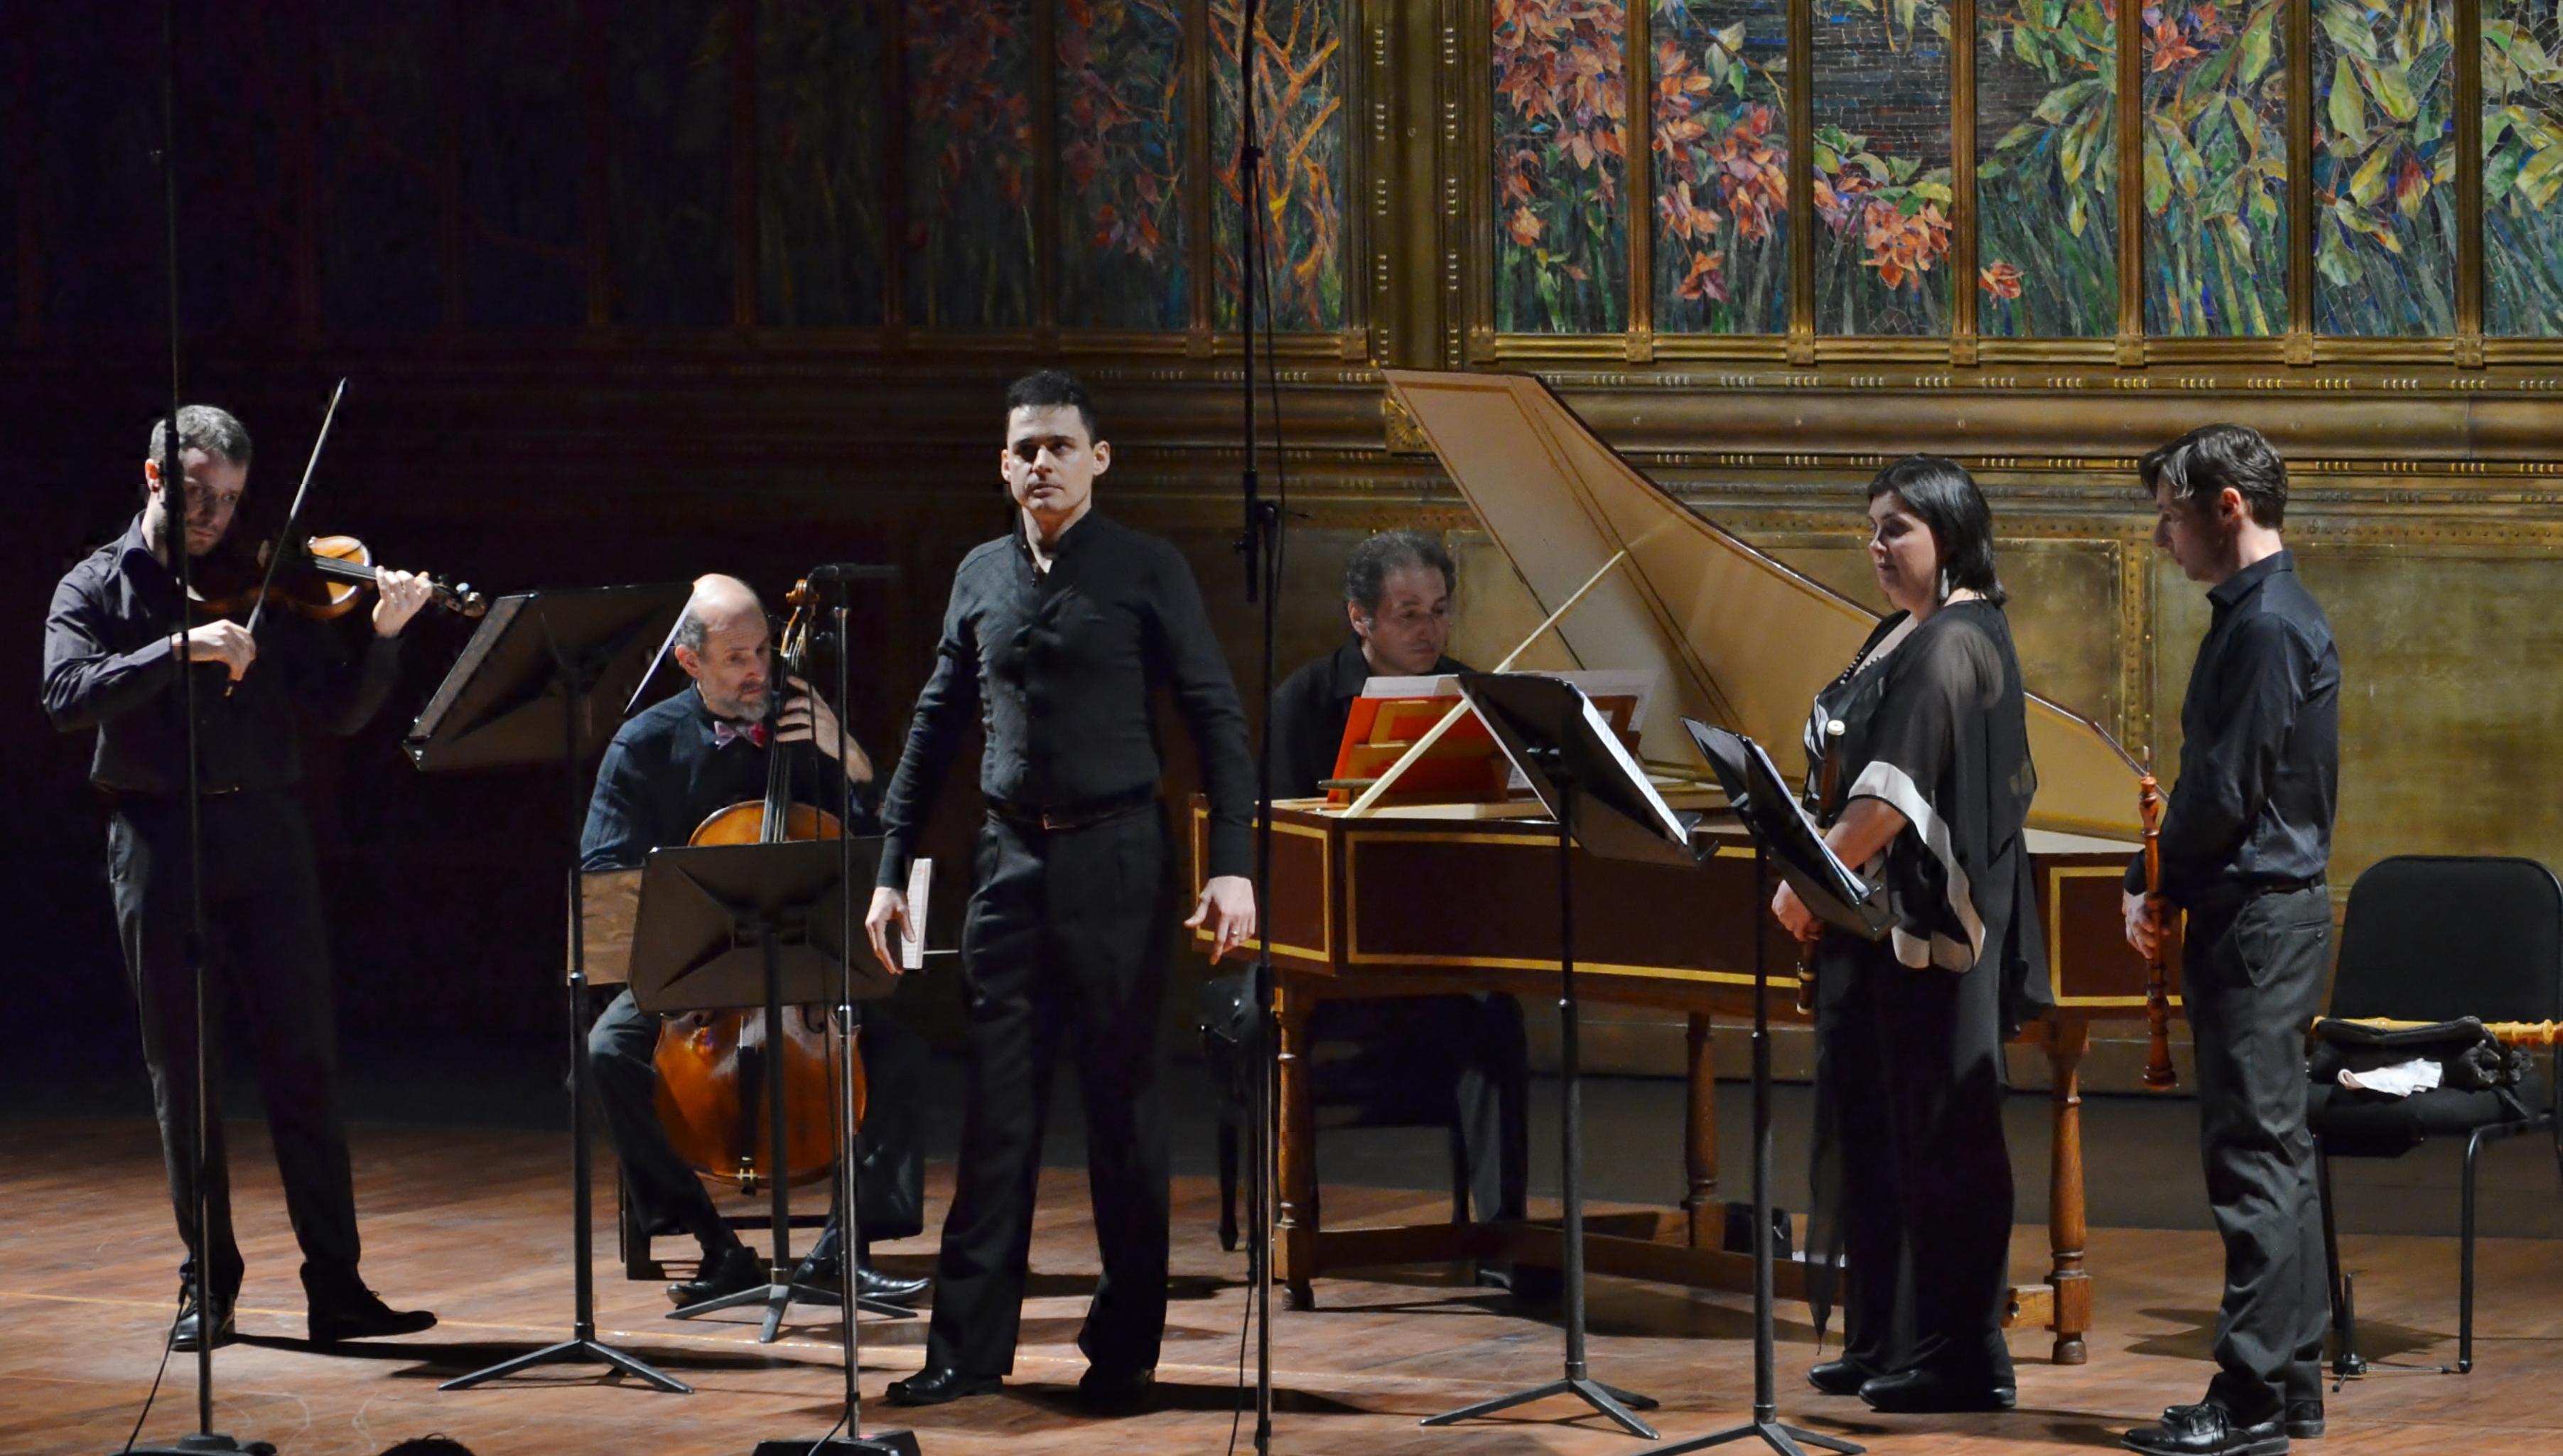 Concierto de Il Rossignolo en el Palacio de Bellas Artes de México. Foto: Edmundo López Palomino / Instituto Nacional de Bellas Artes, México